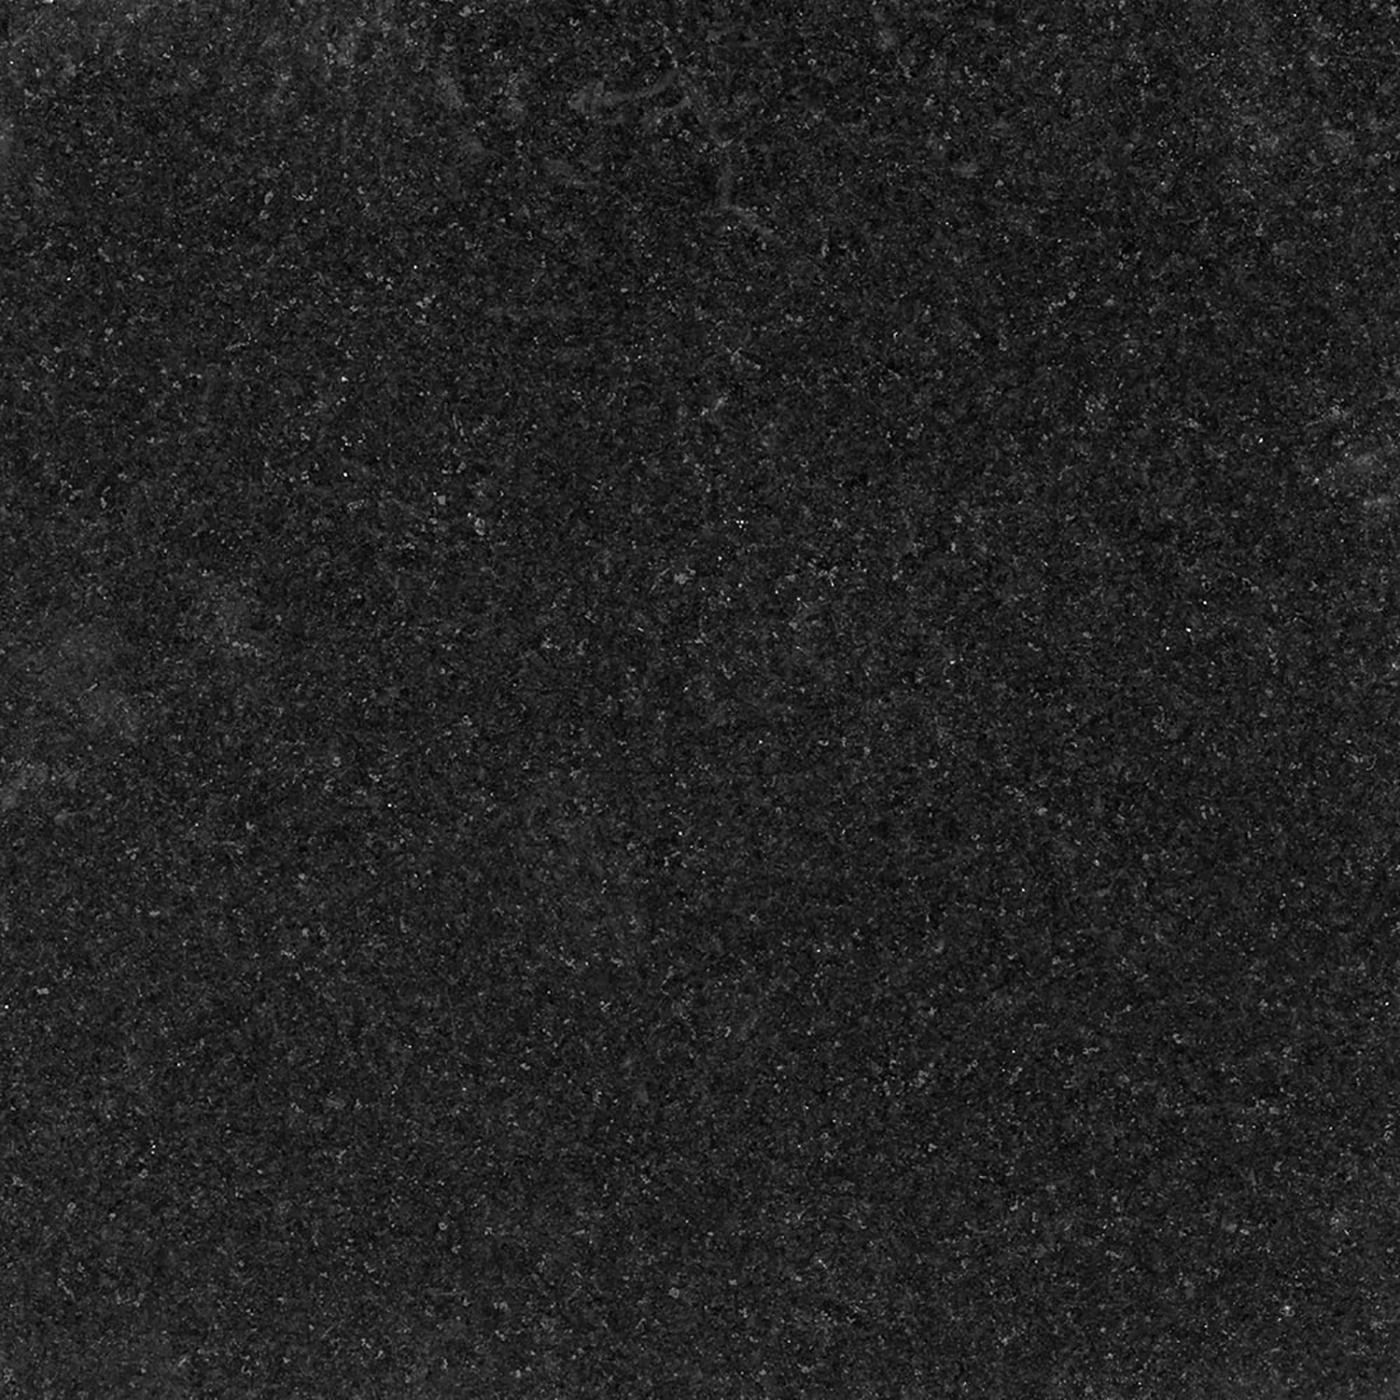 Granit<br/>Noir Absolu